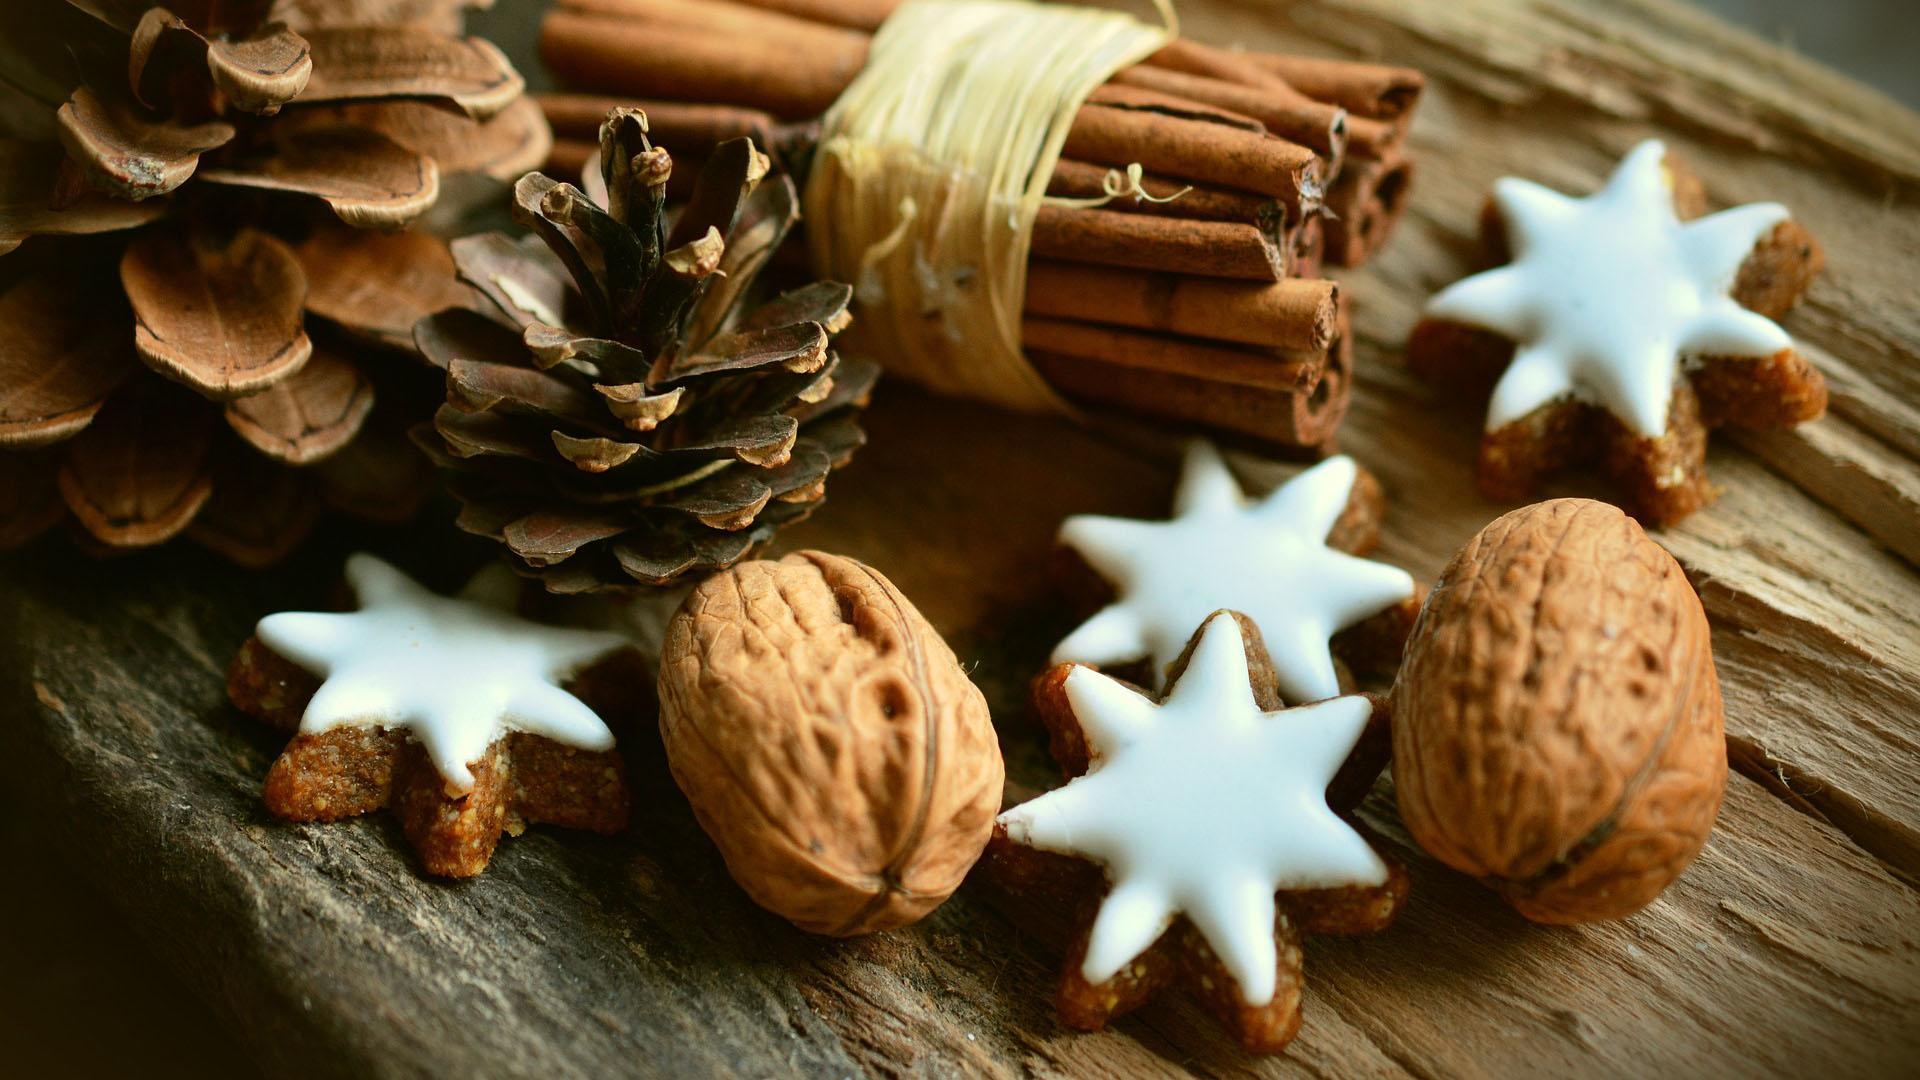 Alternativen zum Weihnachtsbaum - die 5 besten Alternativen